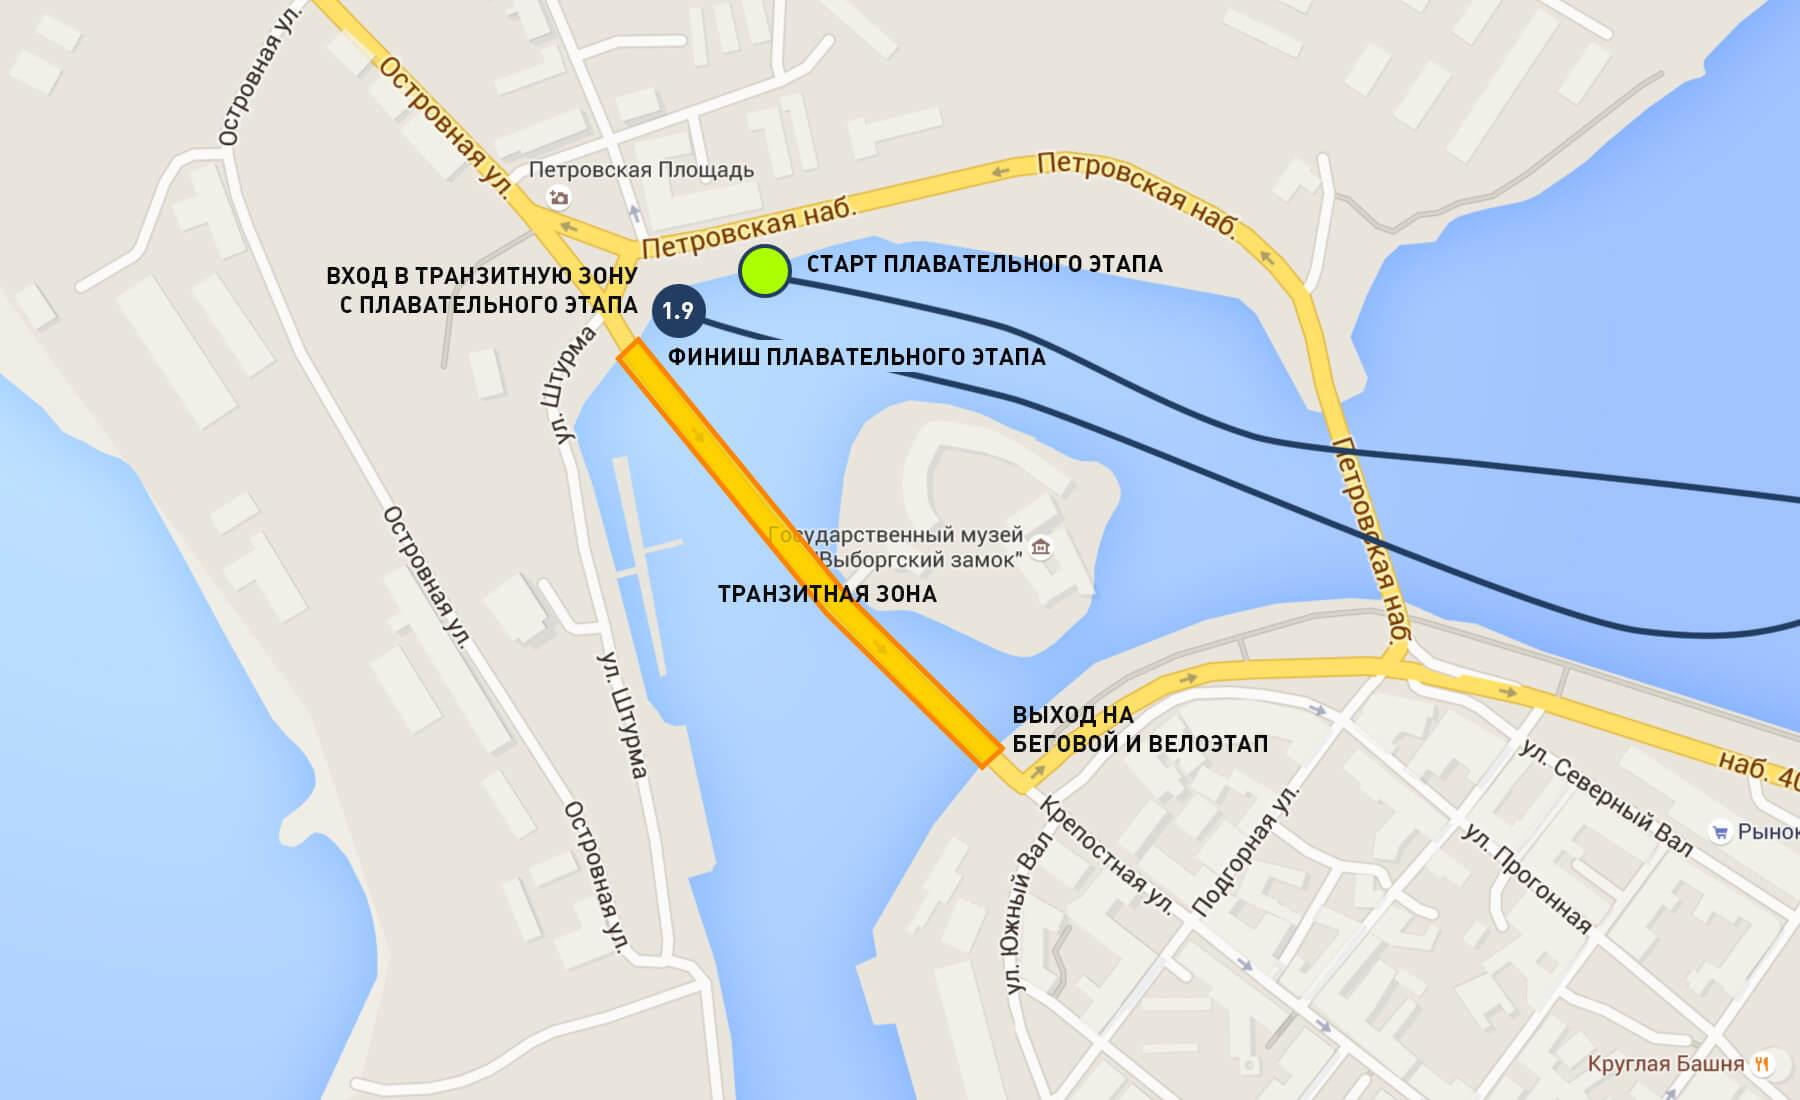 Карта-схема - Транзитная зона. Выборгмэн 2016